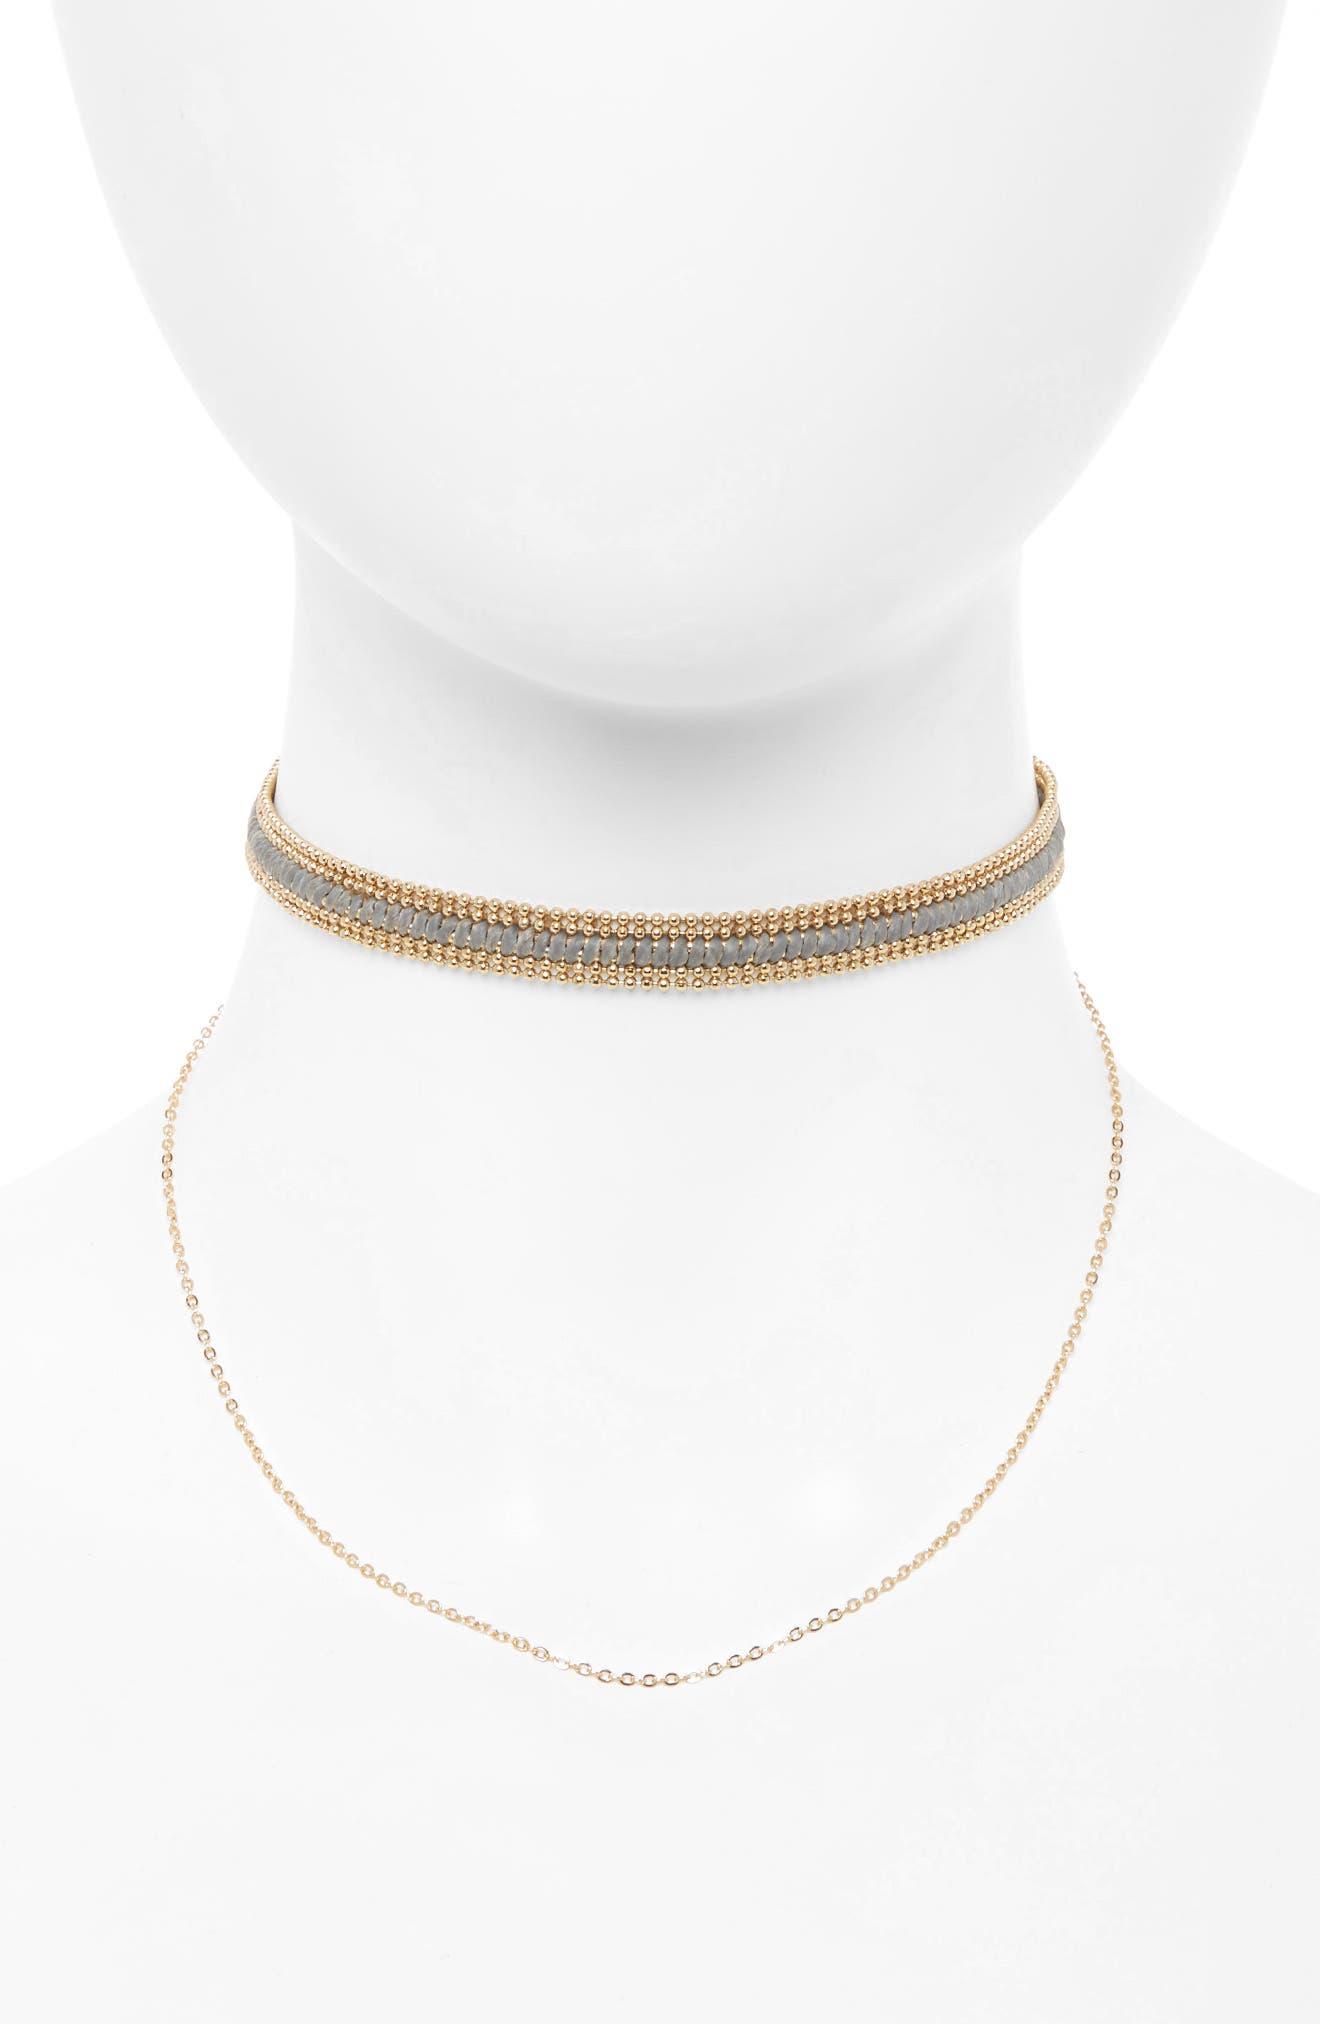 PANACEA Multistrand Necklace